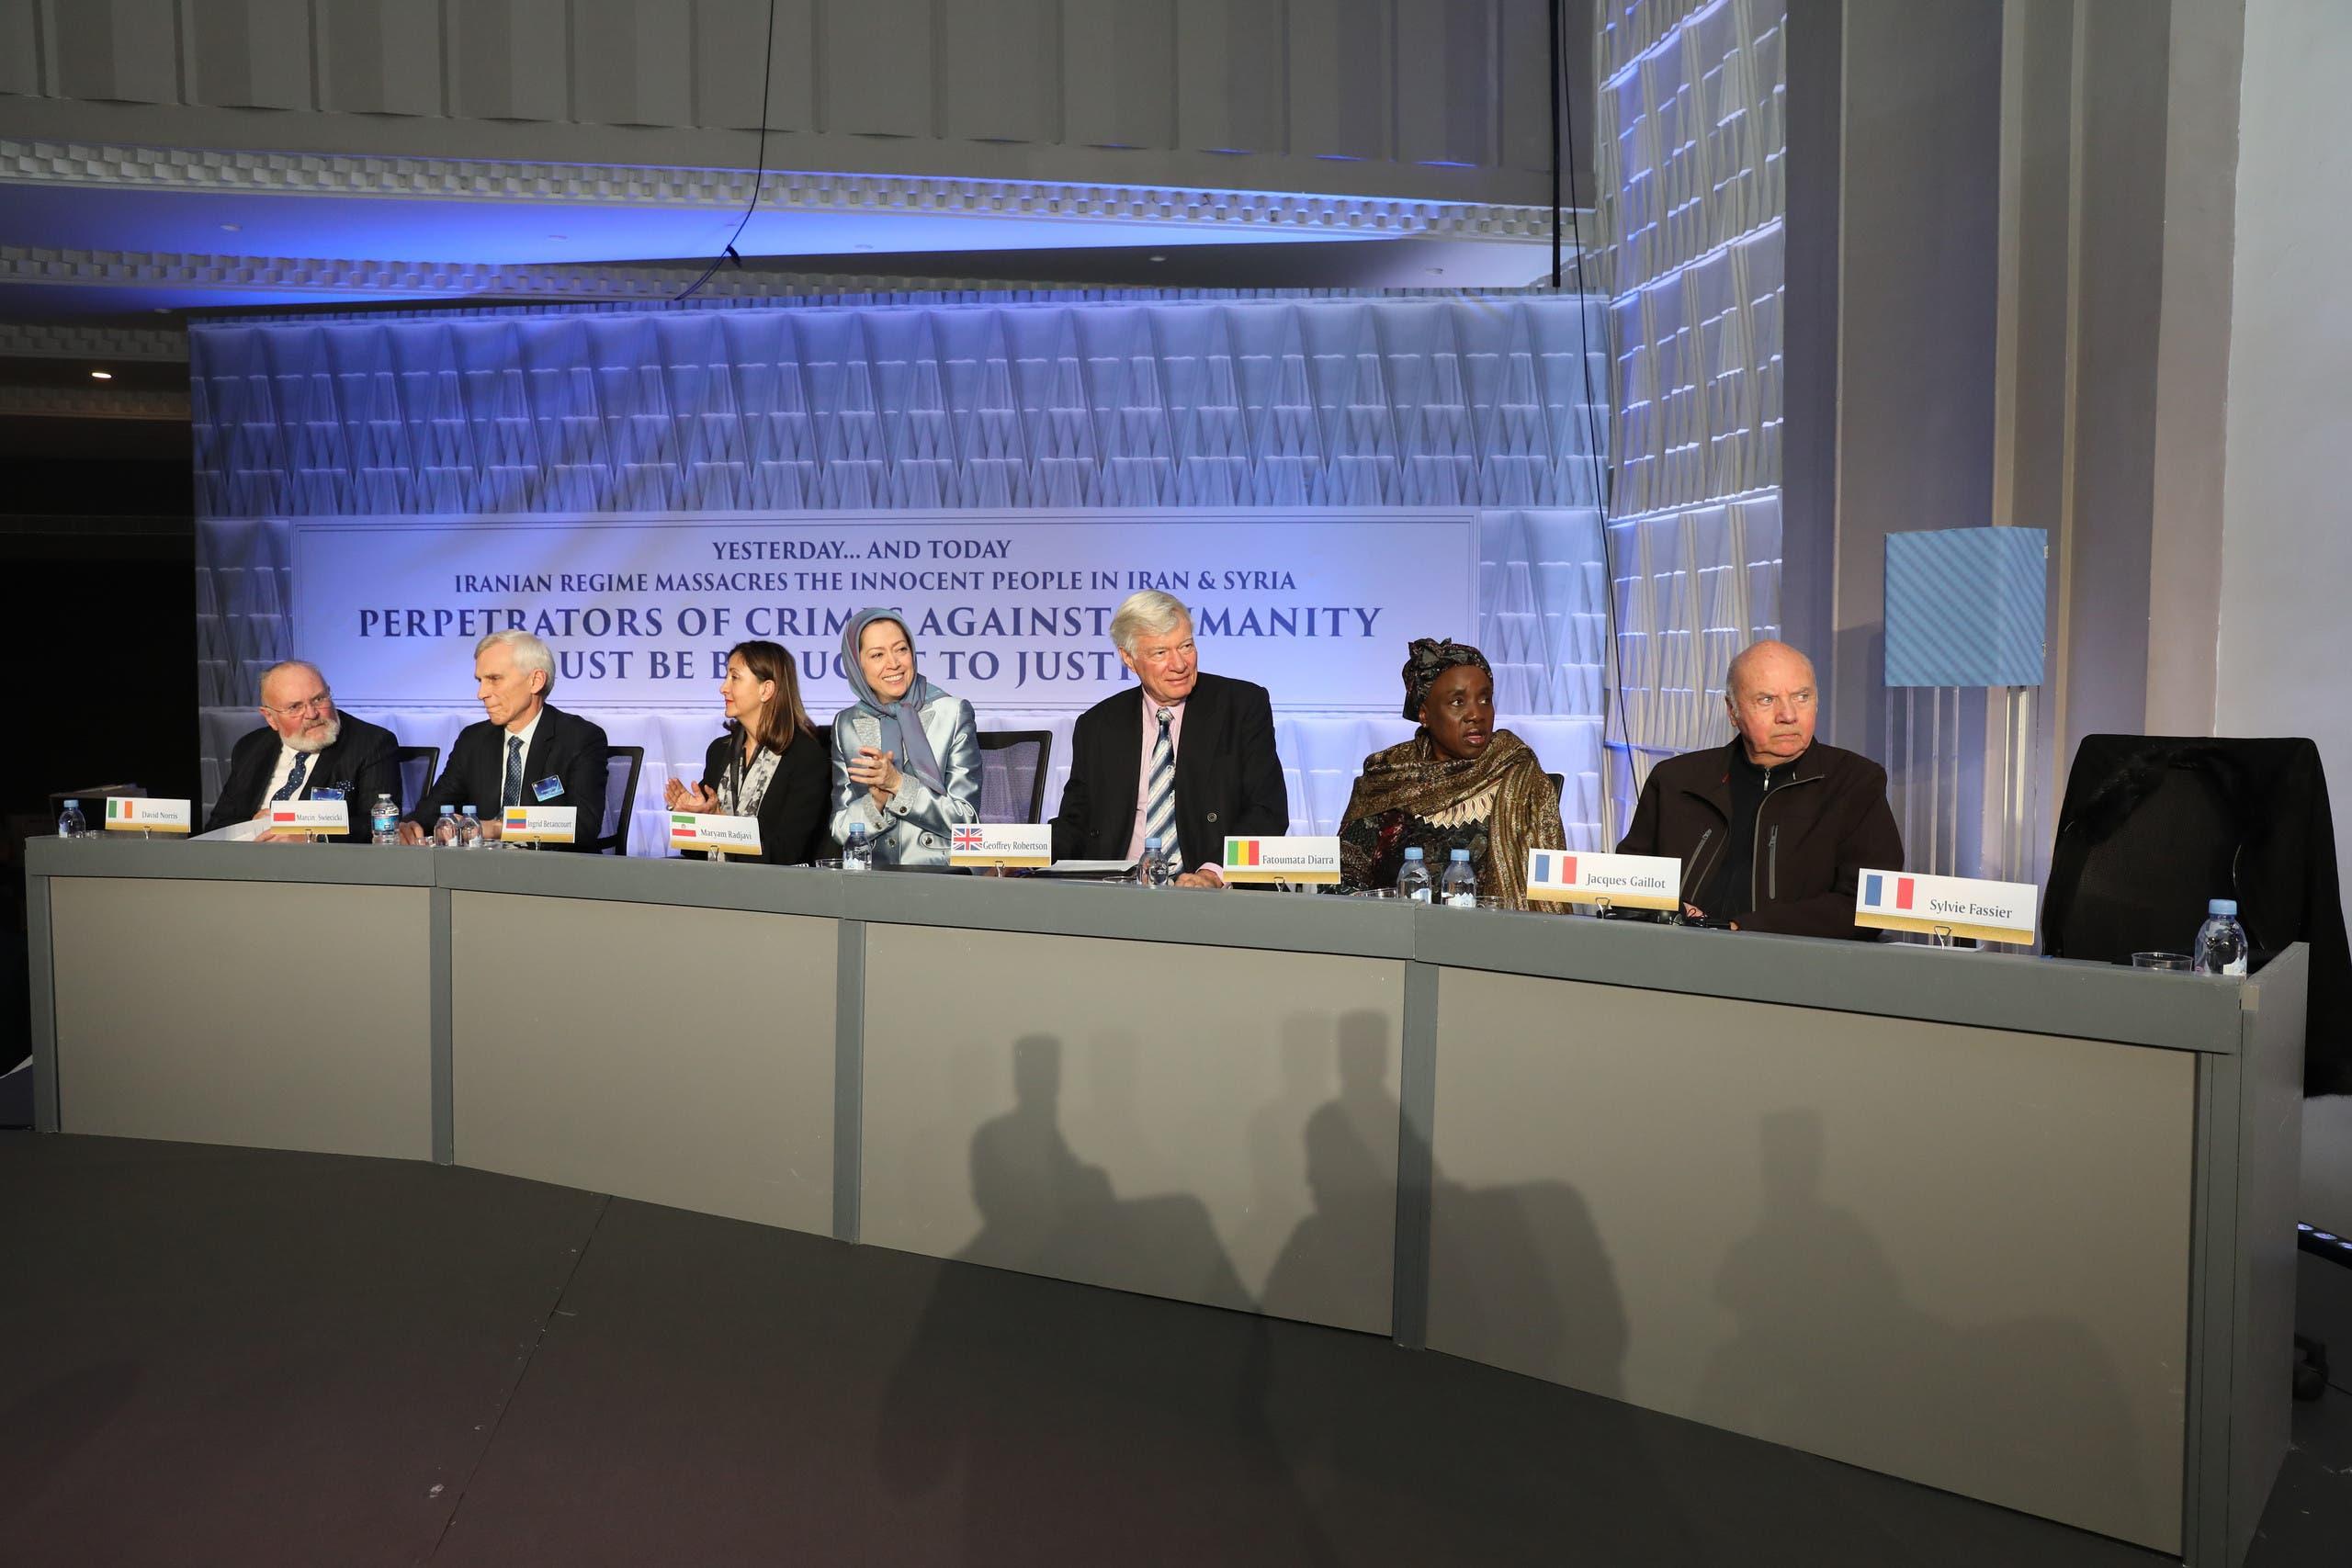 المعارضة السورية ومنظمات دولية شاركت في المؤتمر